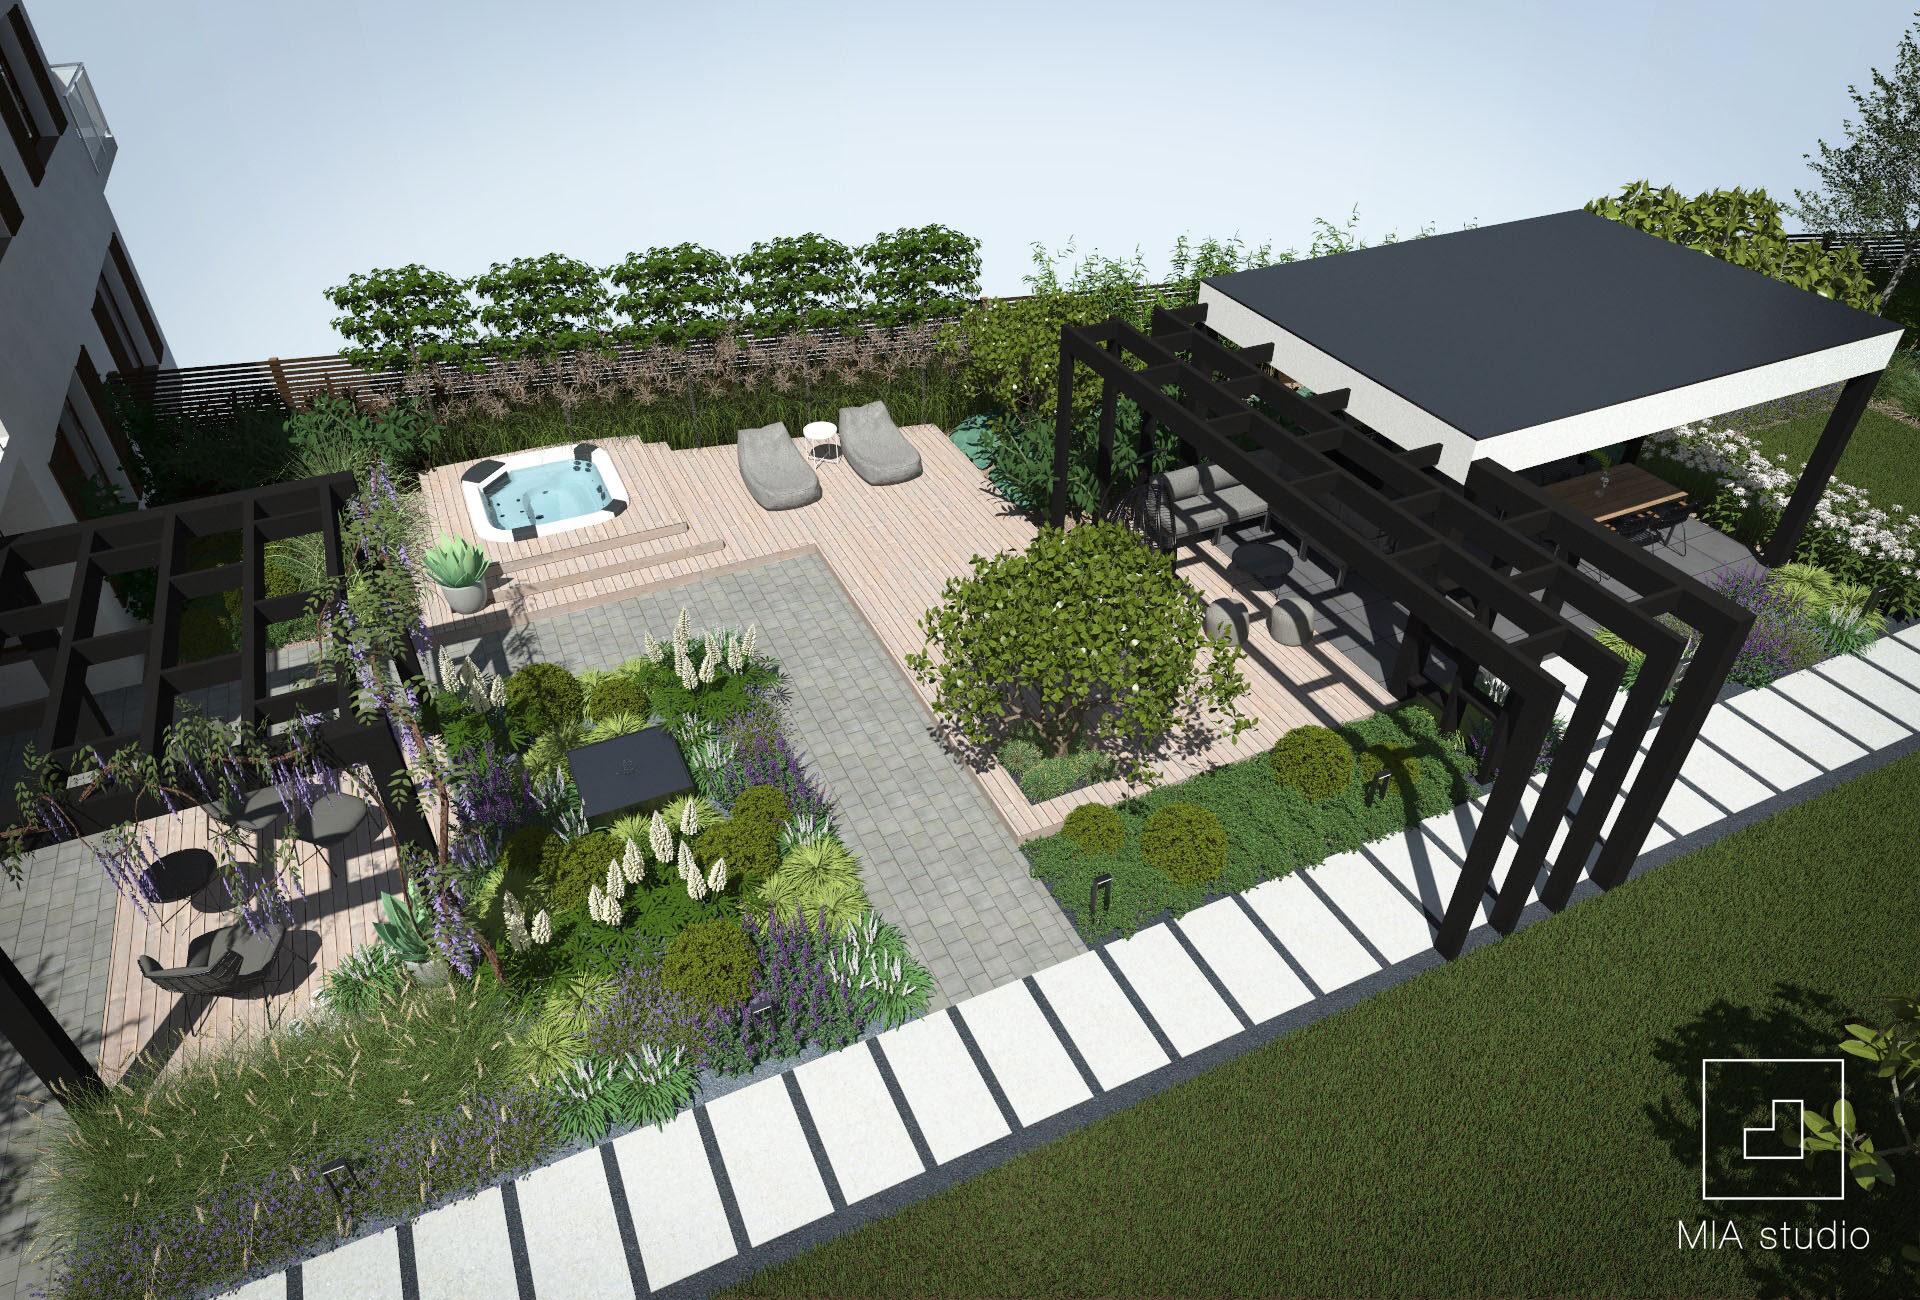 ogród z altaną i jacuzzi